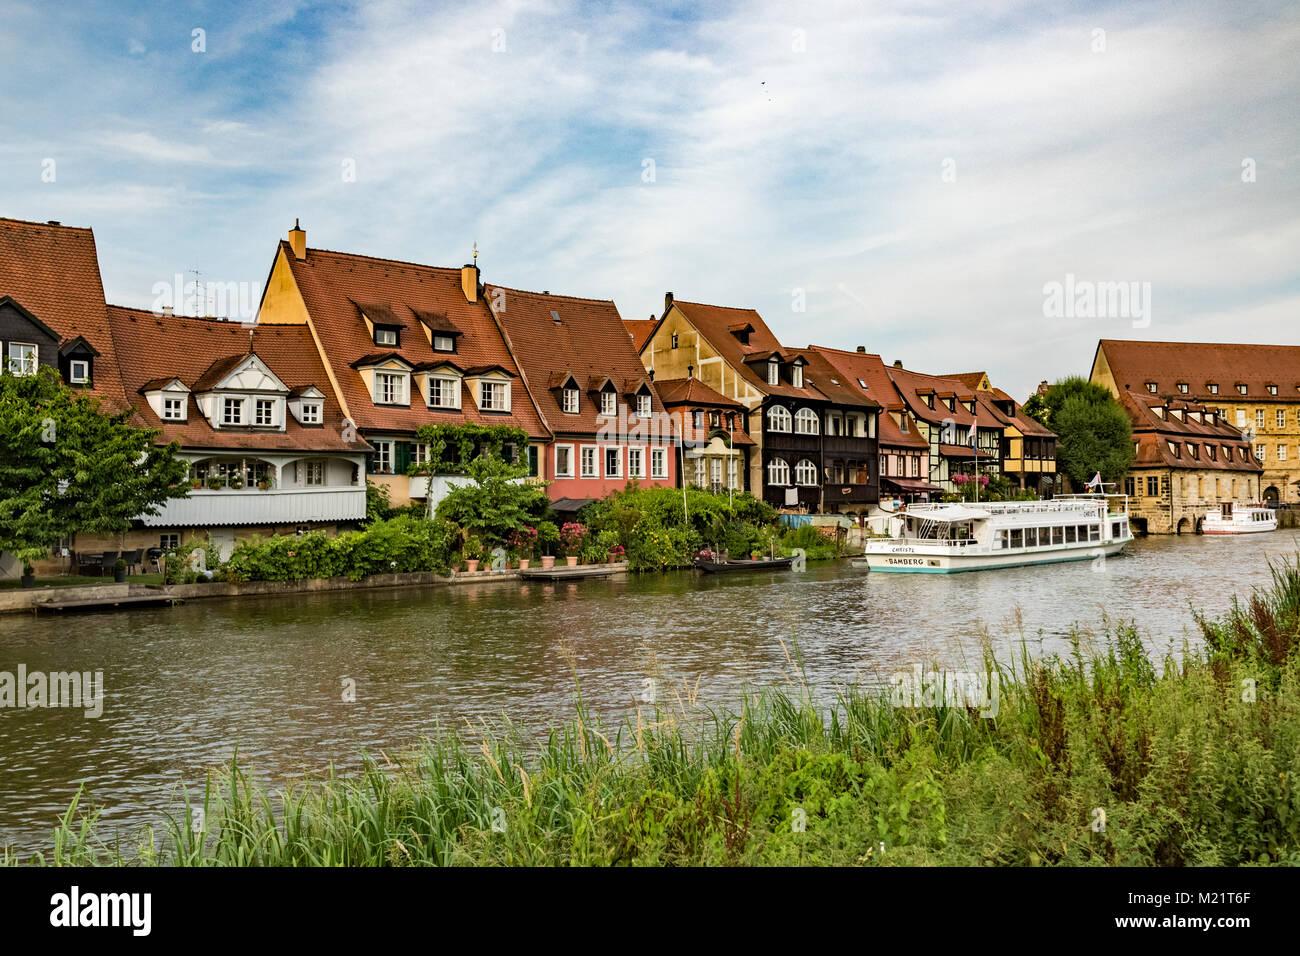 Das historische Fischersiedlung Klein-Venedig in Bamberg. Stockbild